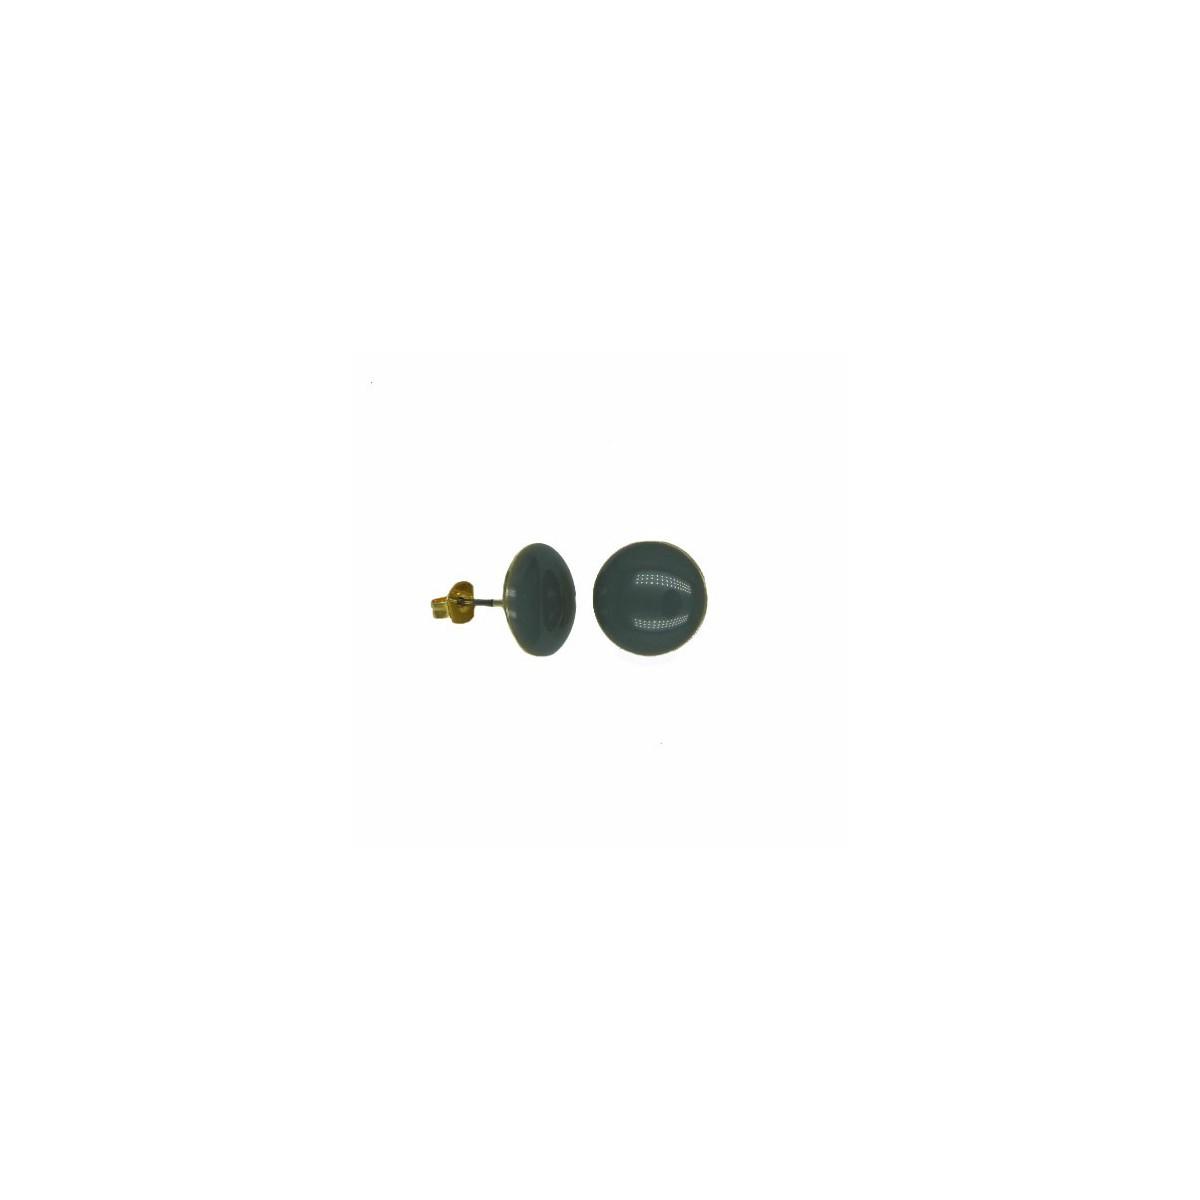 Orecchini in Ottone Tondo Smaltato Grigio - 12  mm